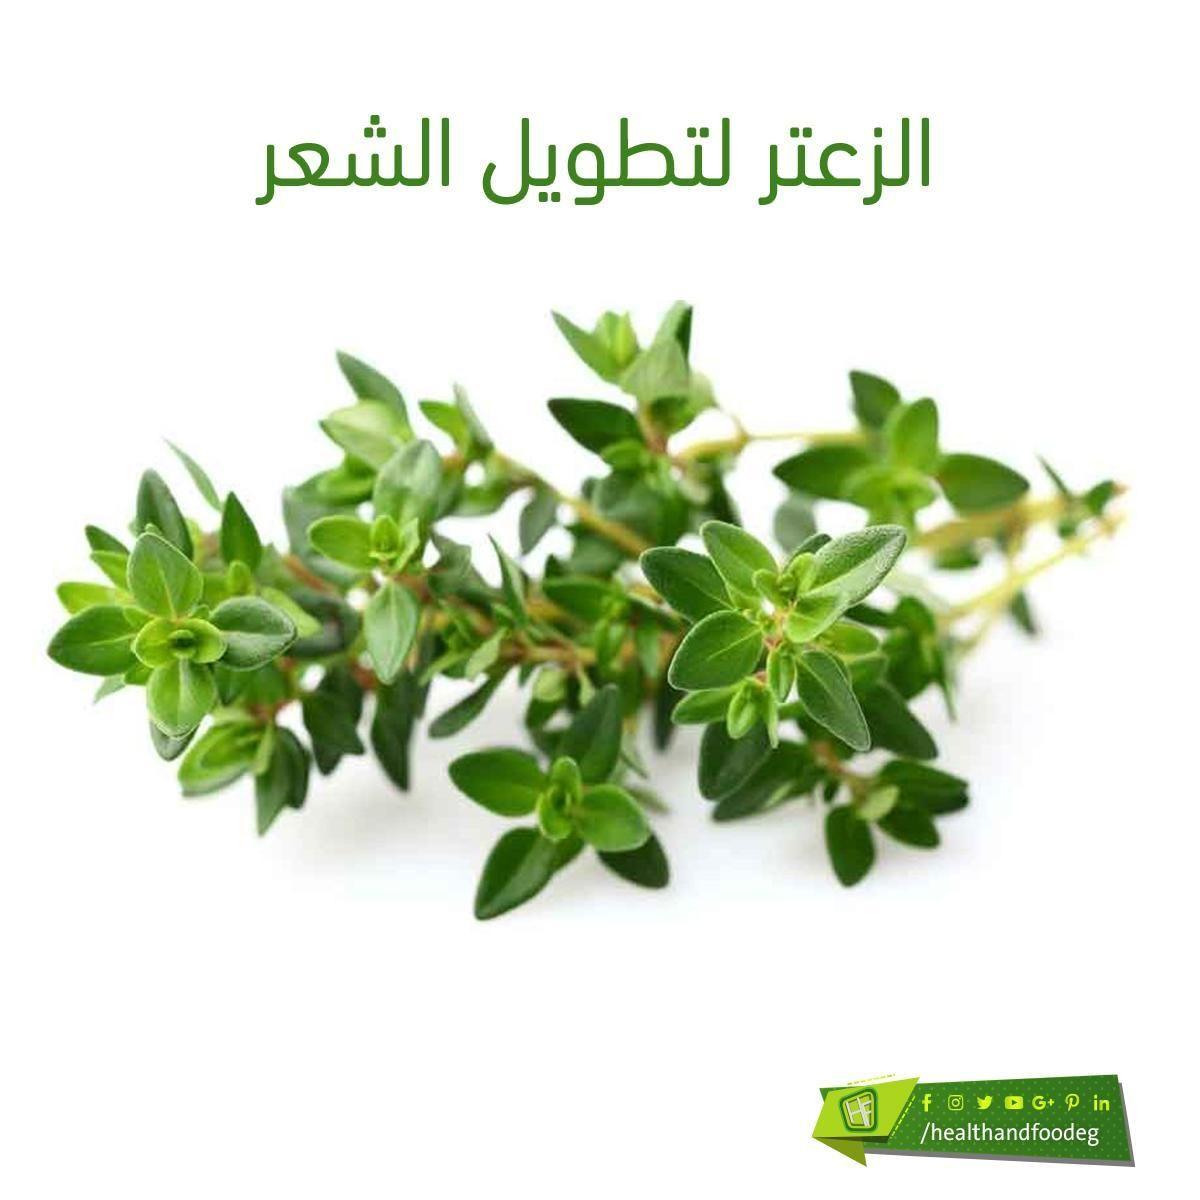 الزعتر لتطويل الشعر Herbs Food Parsley